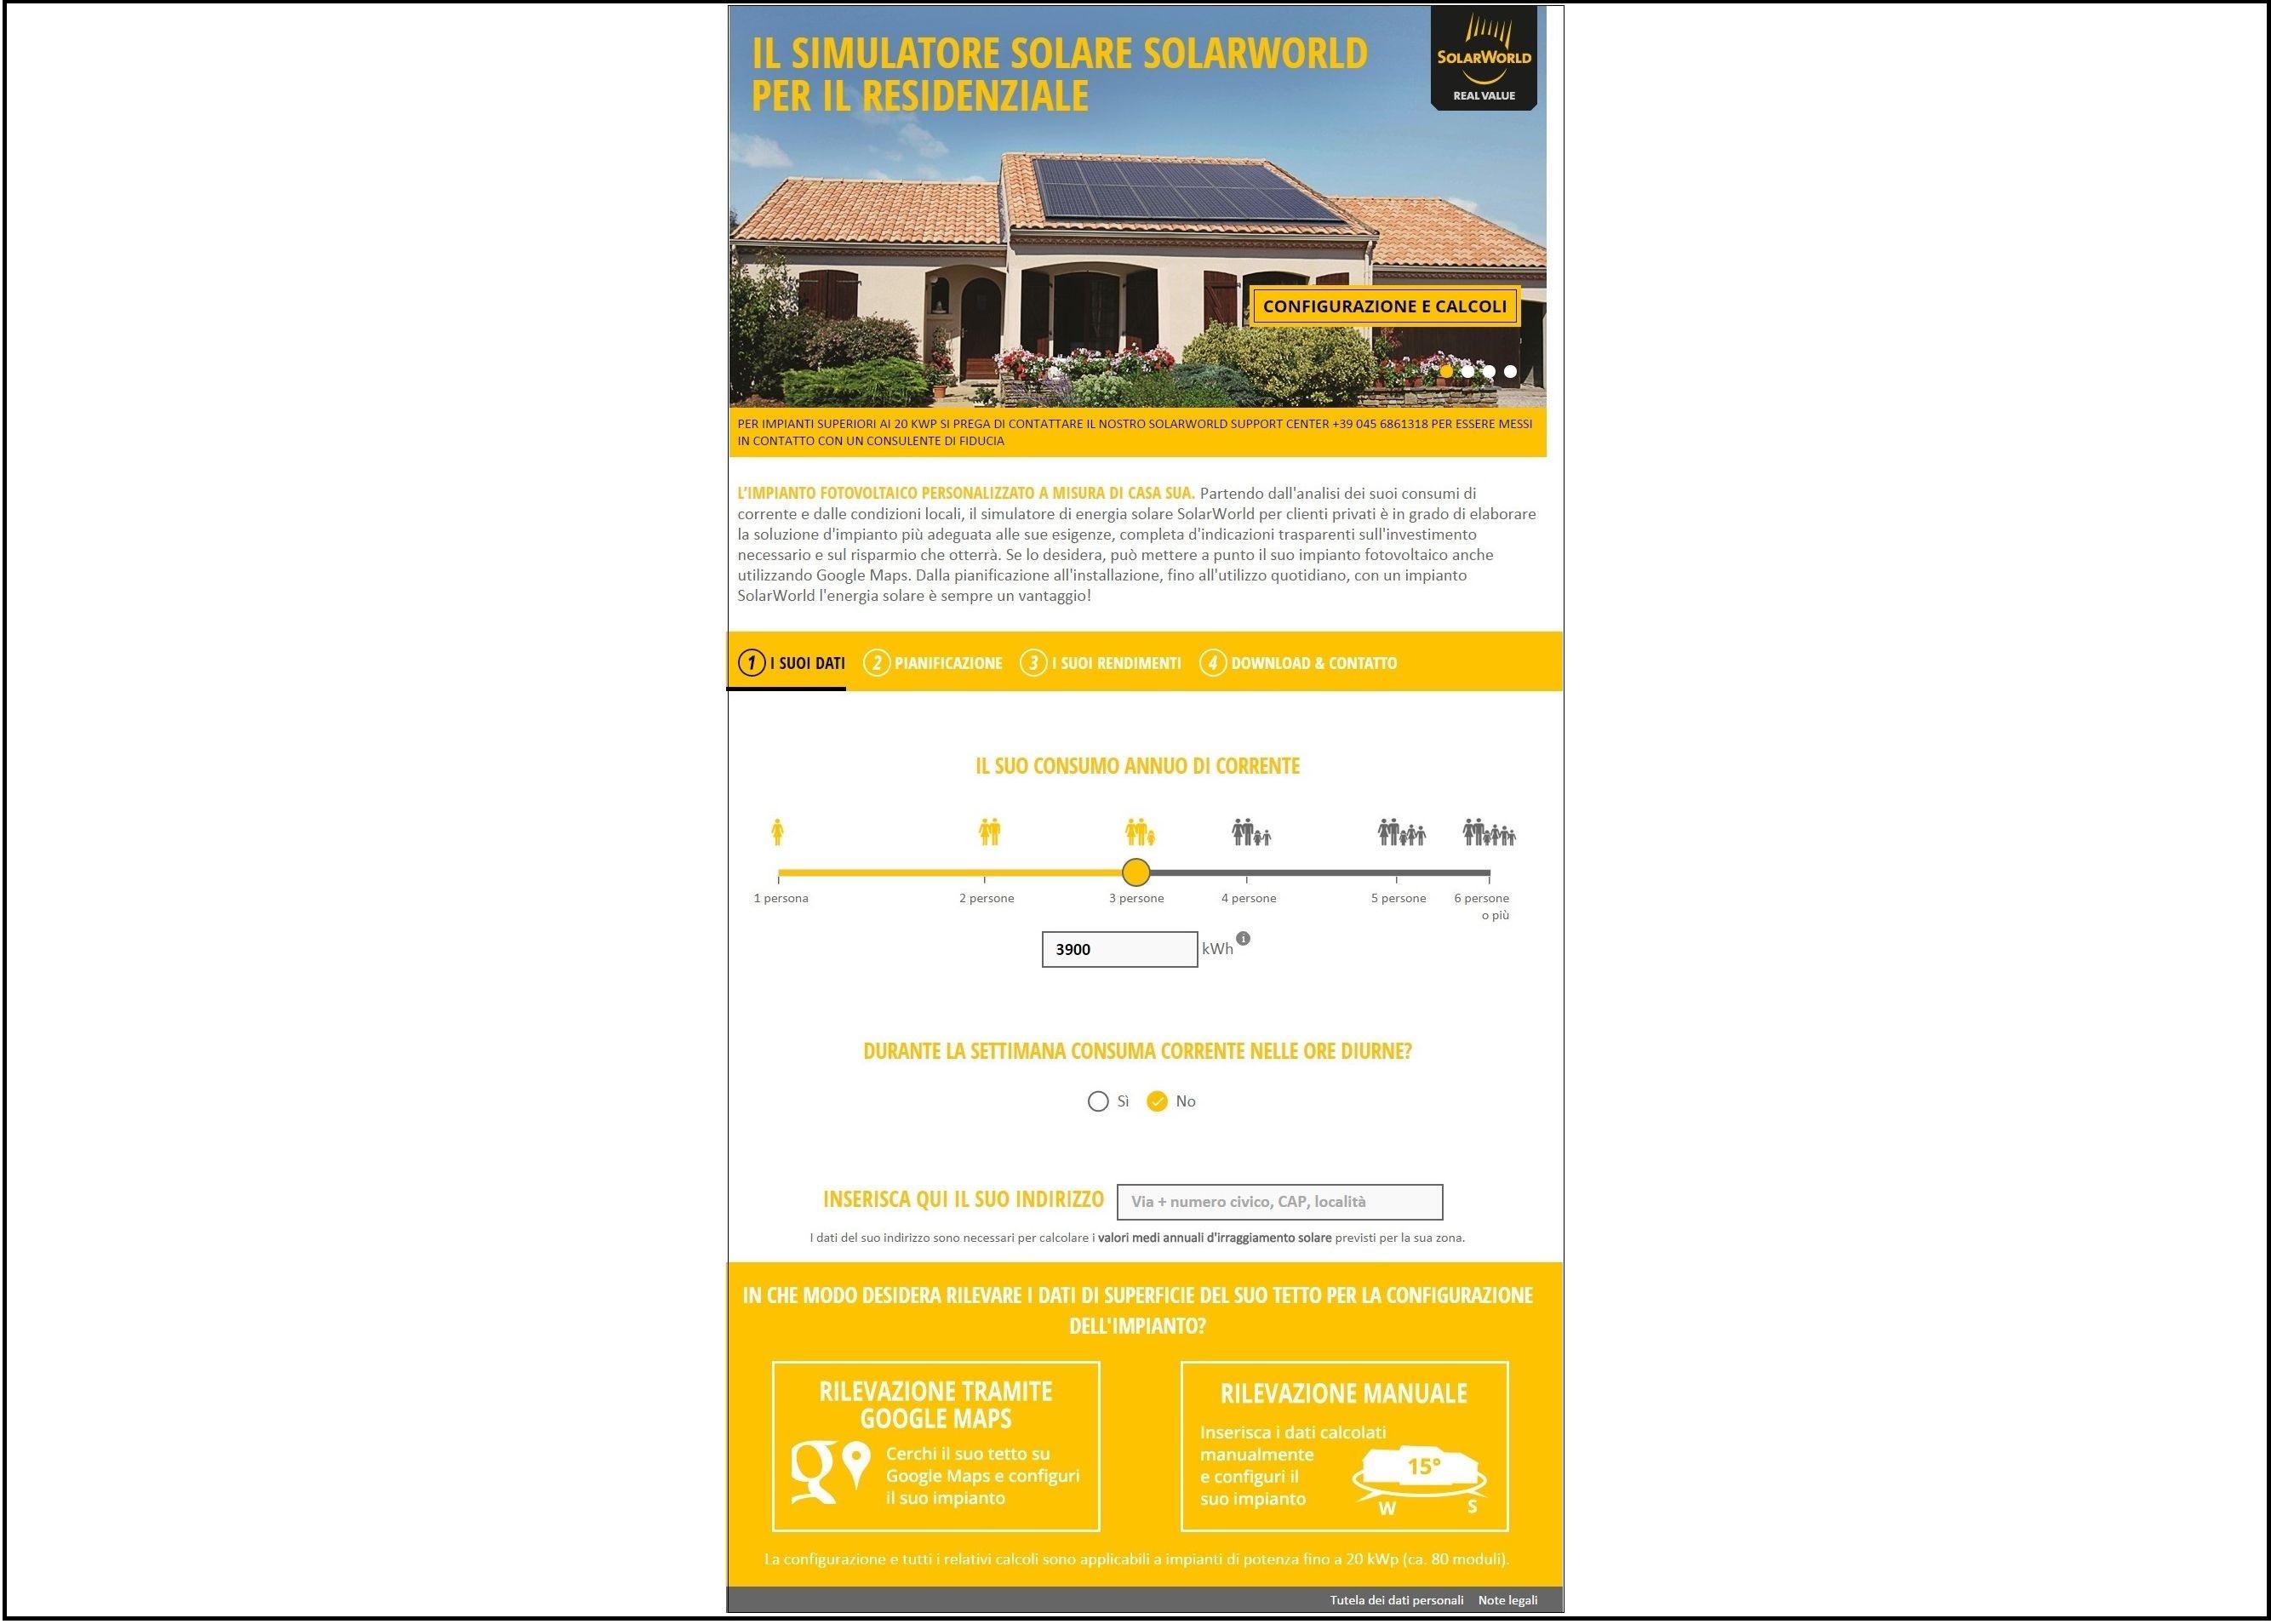 Simulatore online che calcola il risparmio dei costi energetici - Elettro